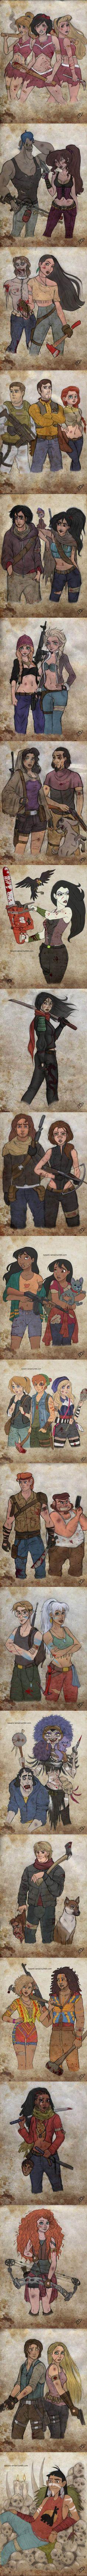 The Disney Apocalypse #Disney